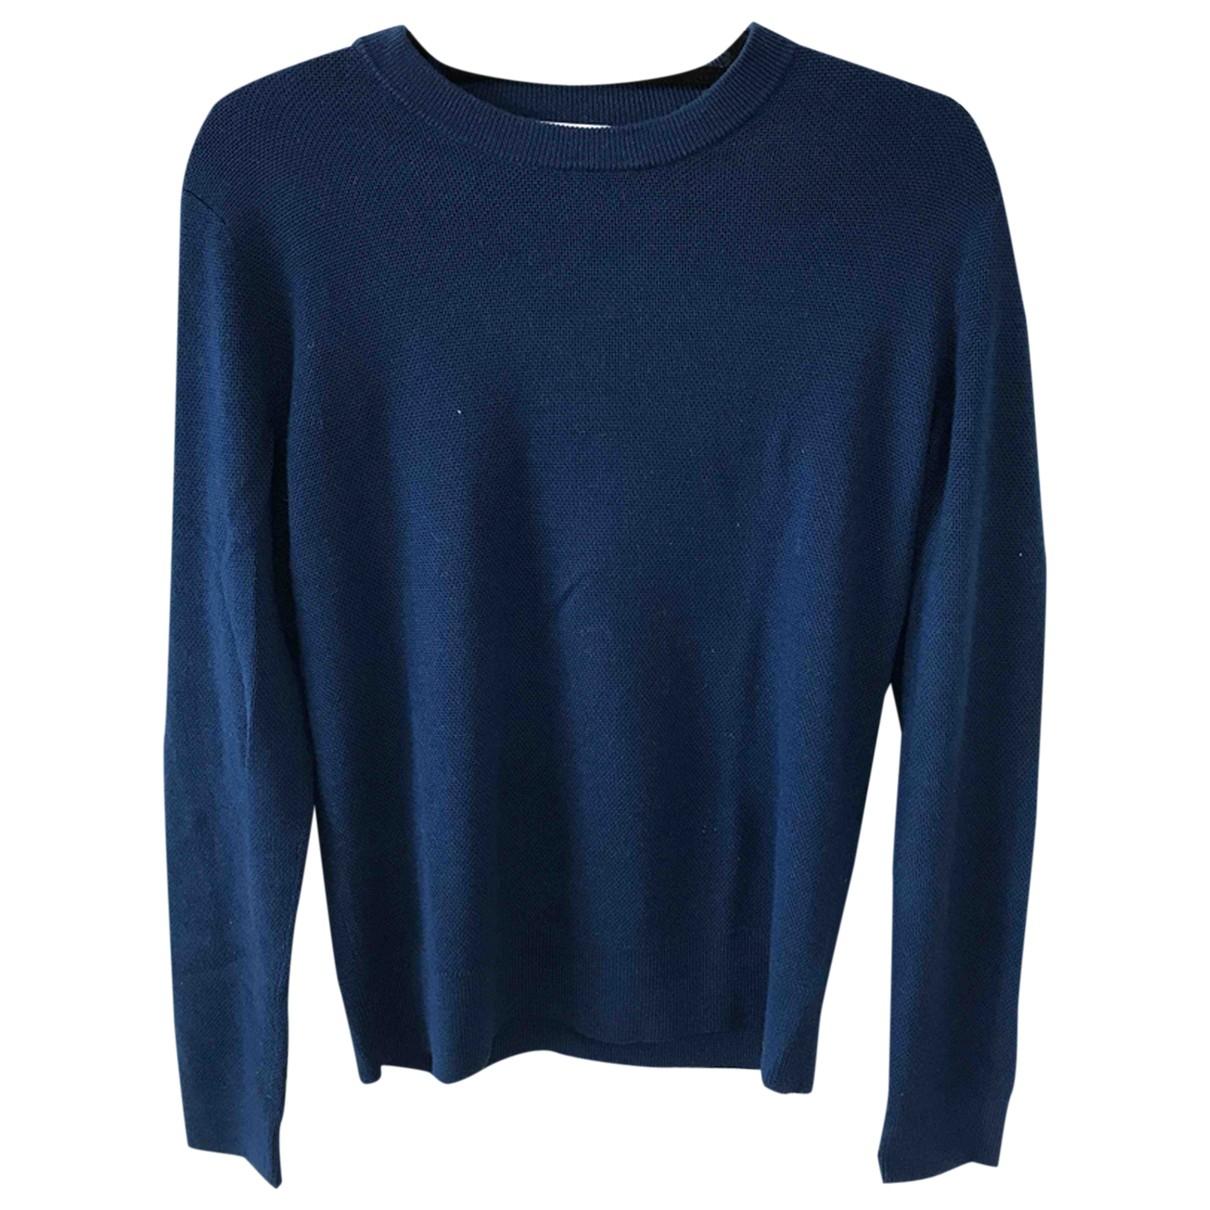 Sandro - Pulls.Gilets.Sweats   pour homme en laine - bleu